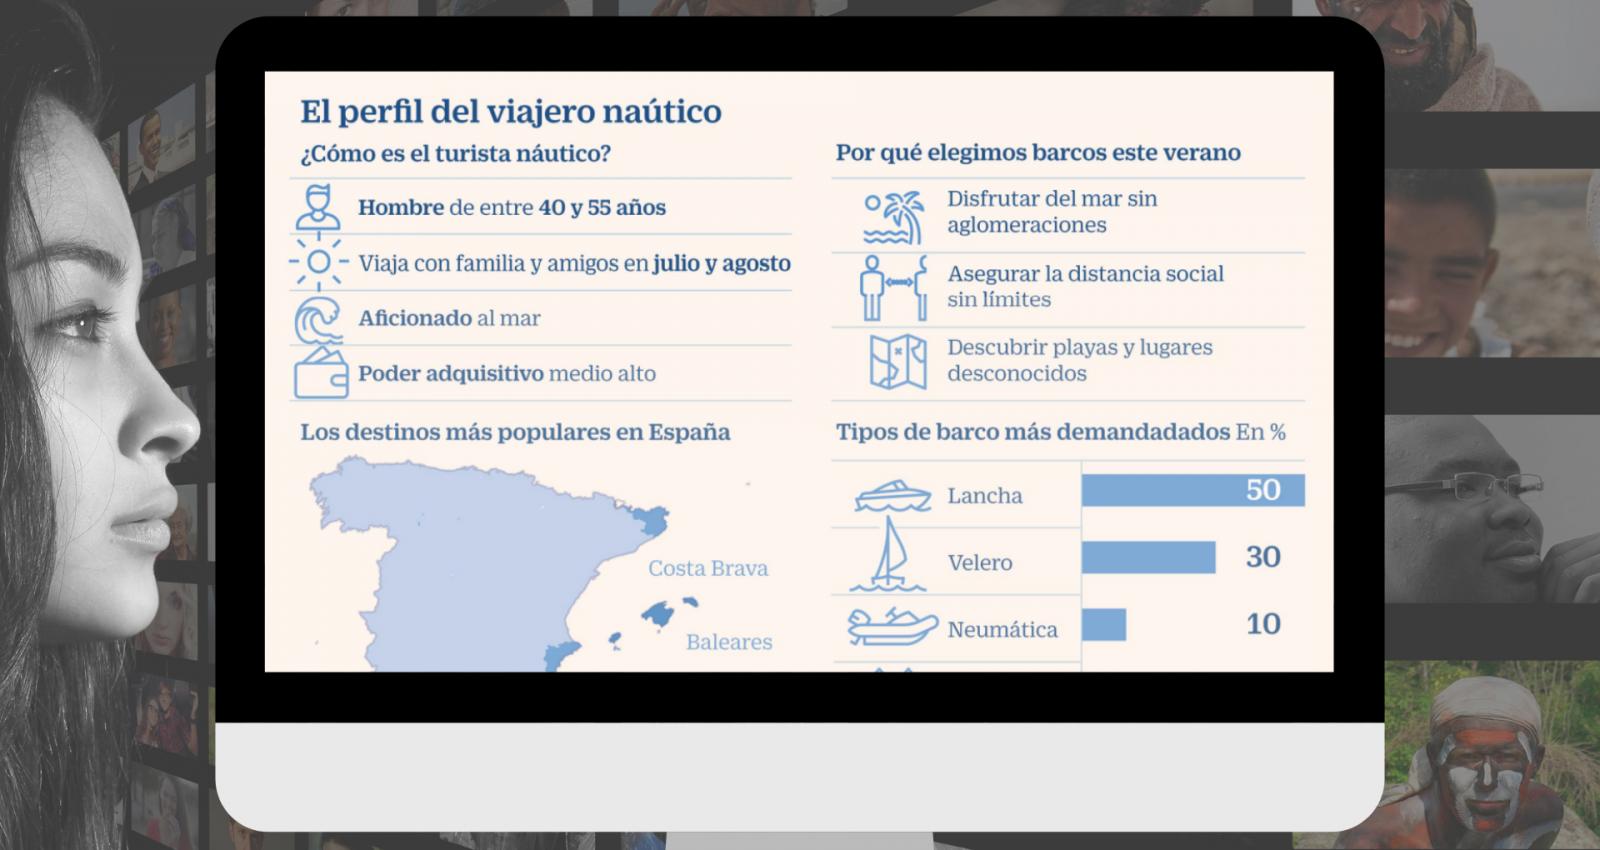 estudio de el viajero nautico en el mundo viajes click and boat